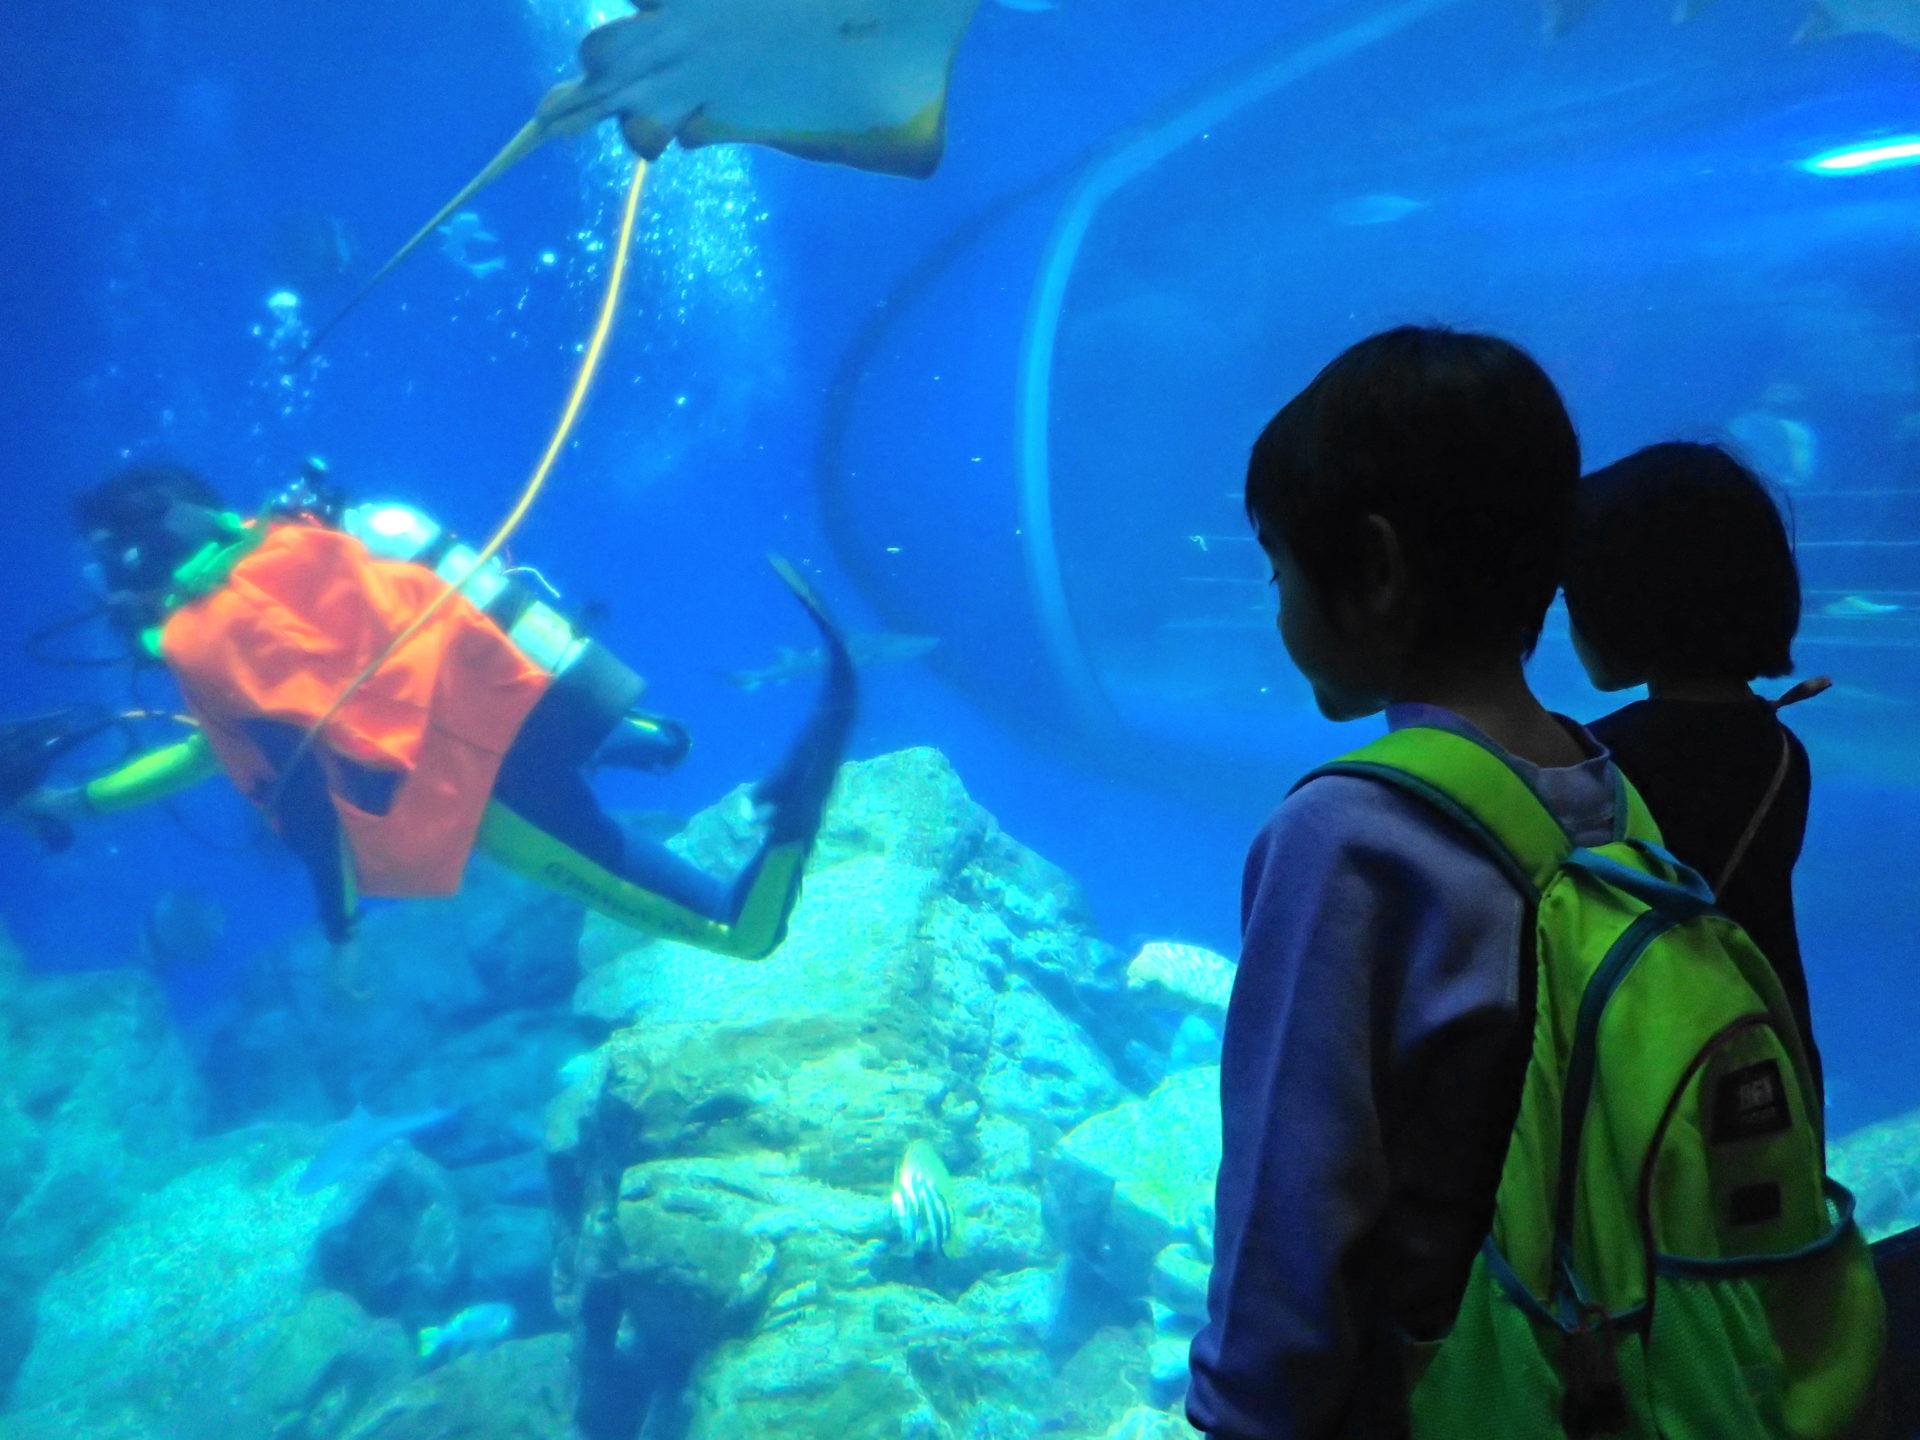 大洗水族館 |館内遊具とタッチングプールが雨でも楽しい!!割引情報も!!